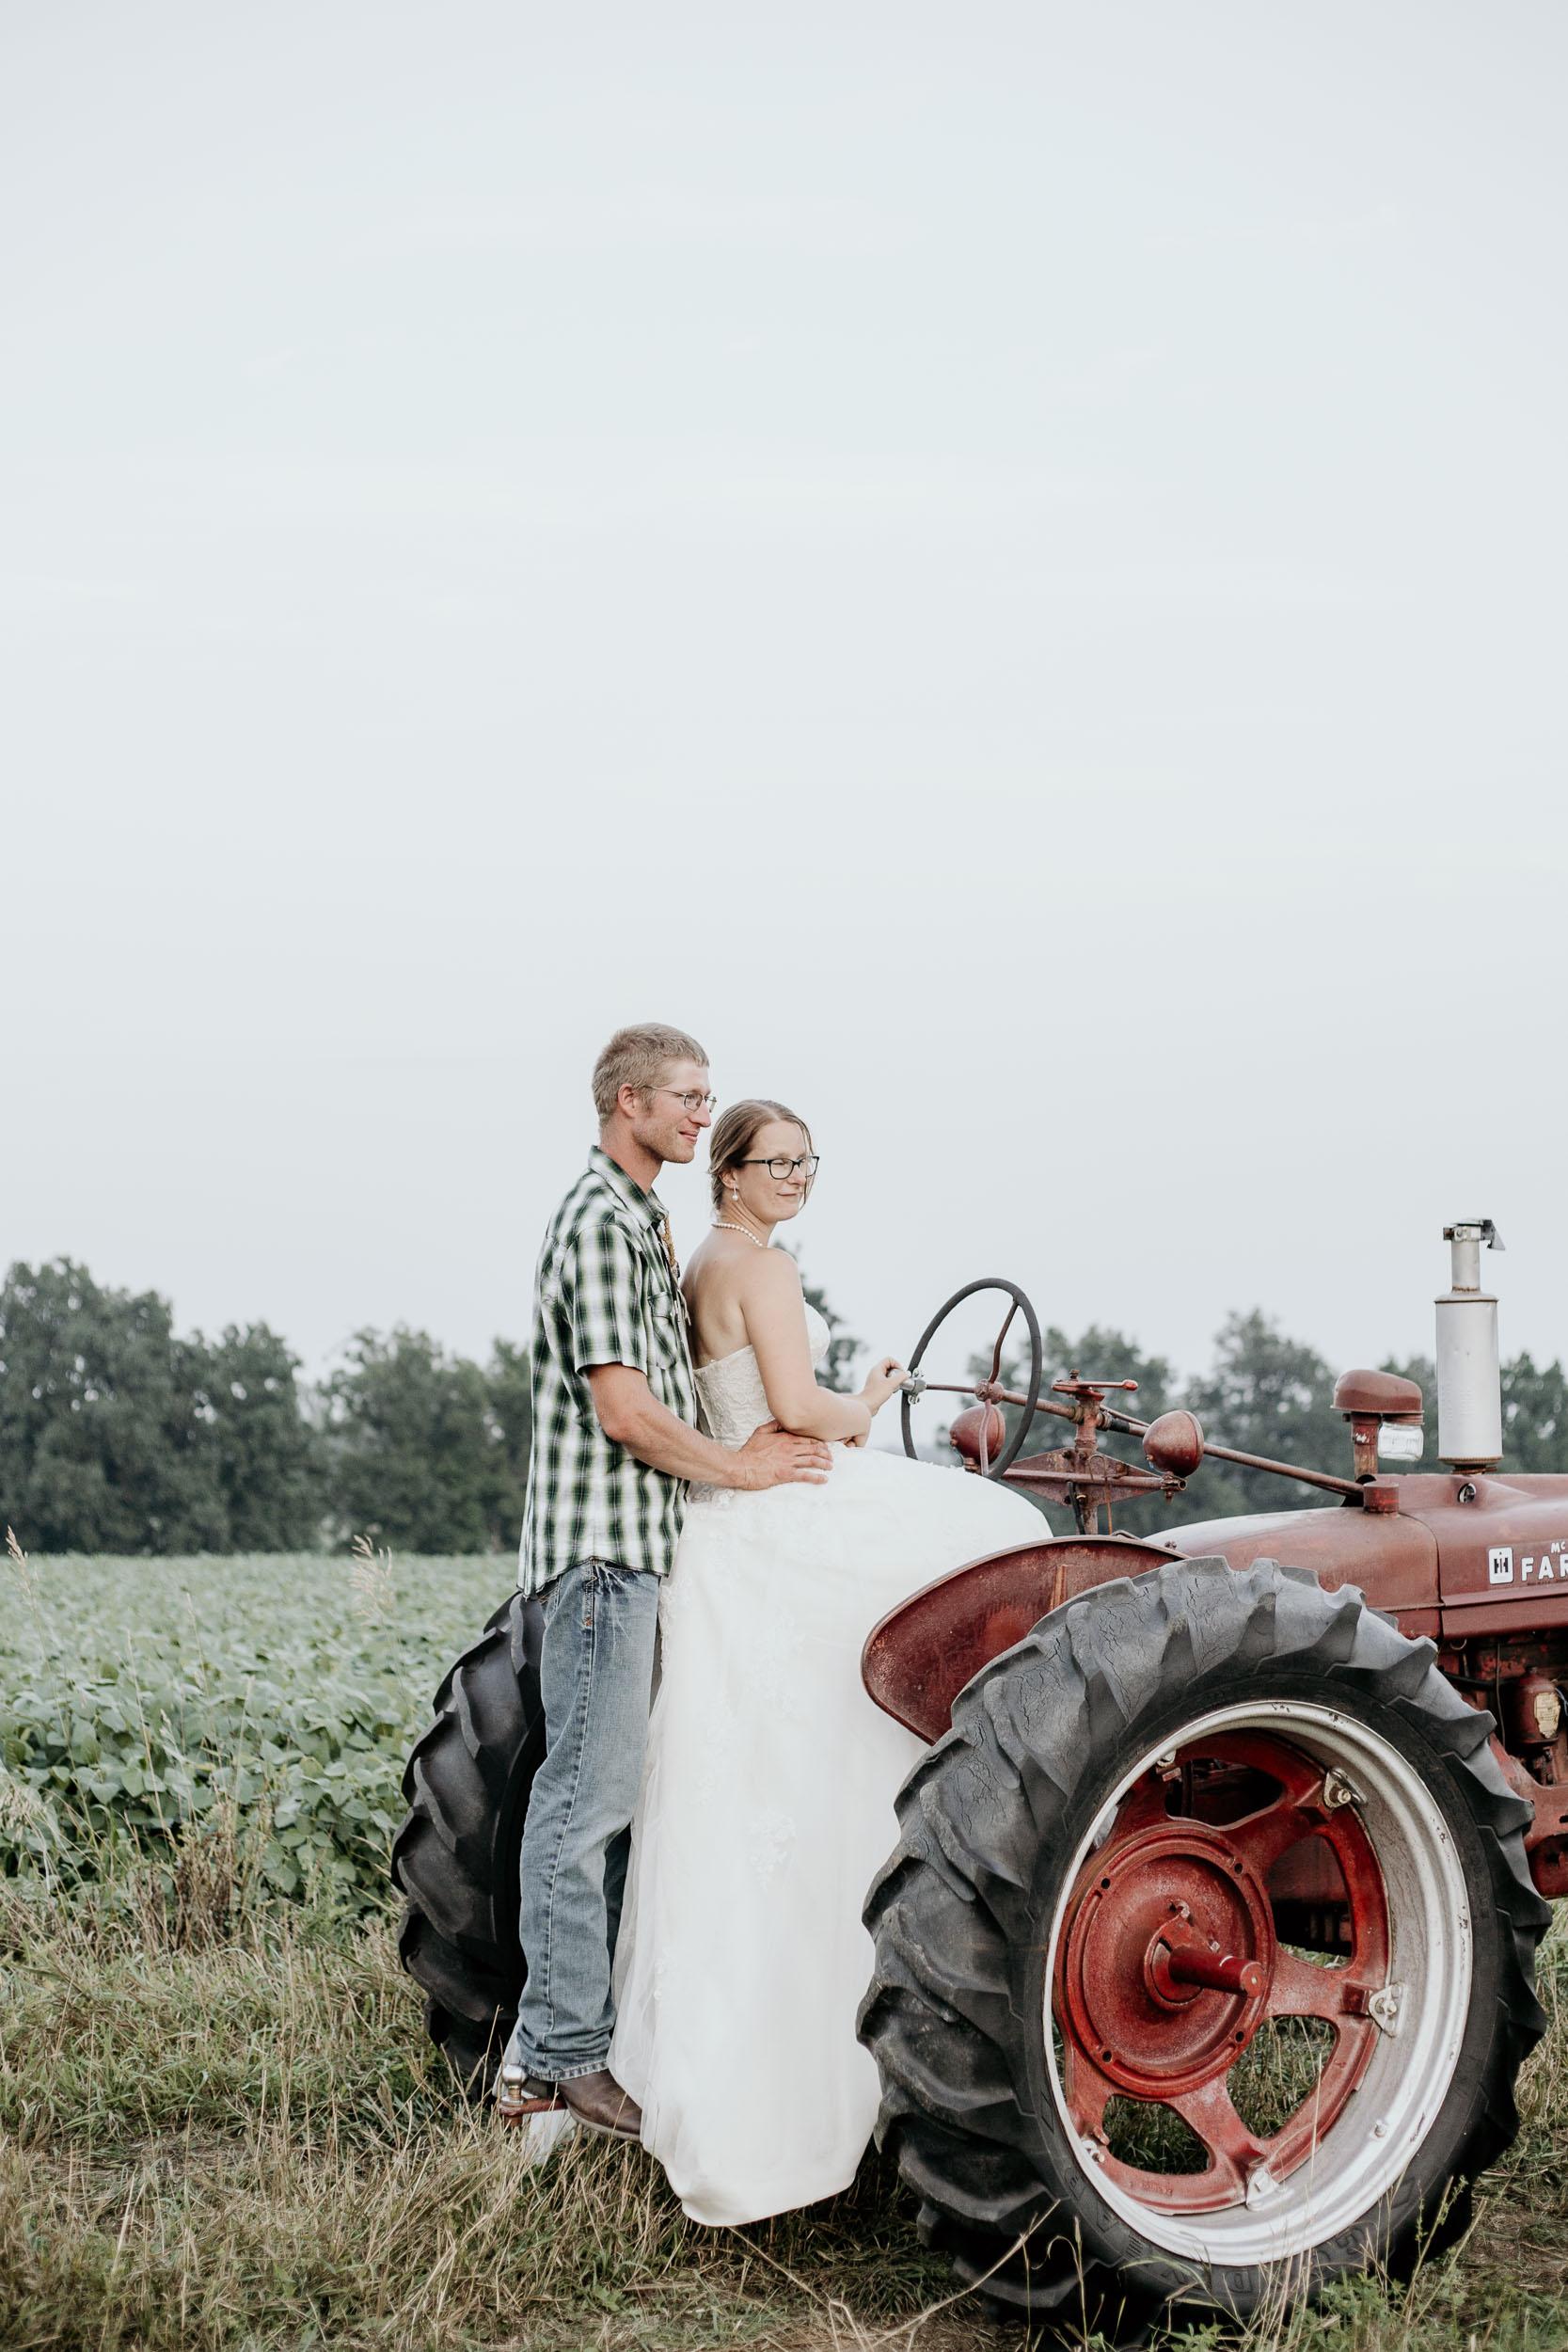 intimate-wedding-elopement-photographer-ottawa-joshua-tree-3229.jpg